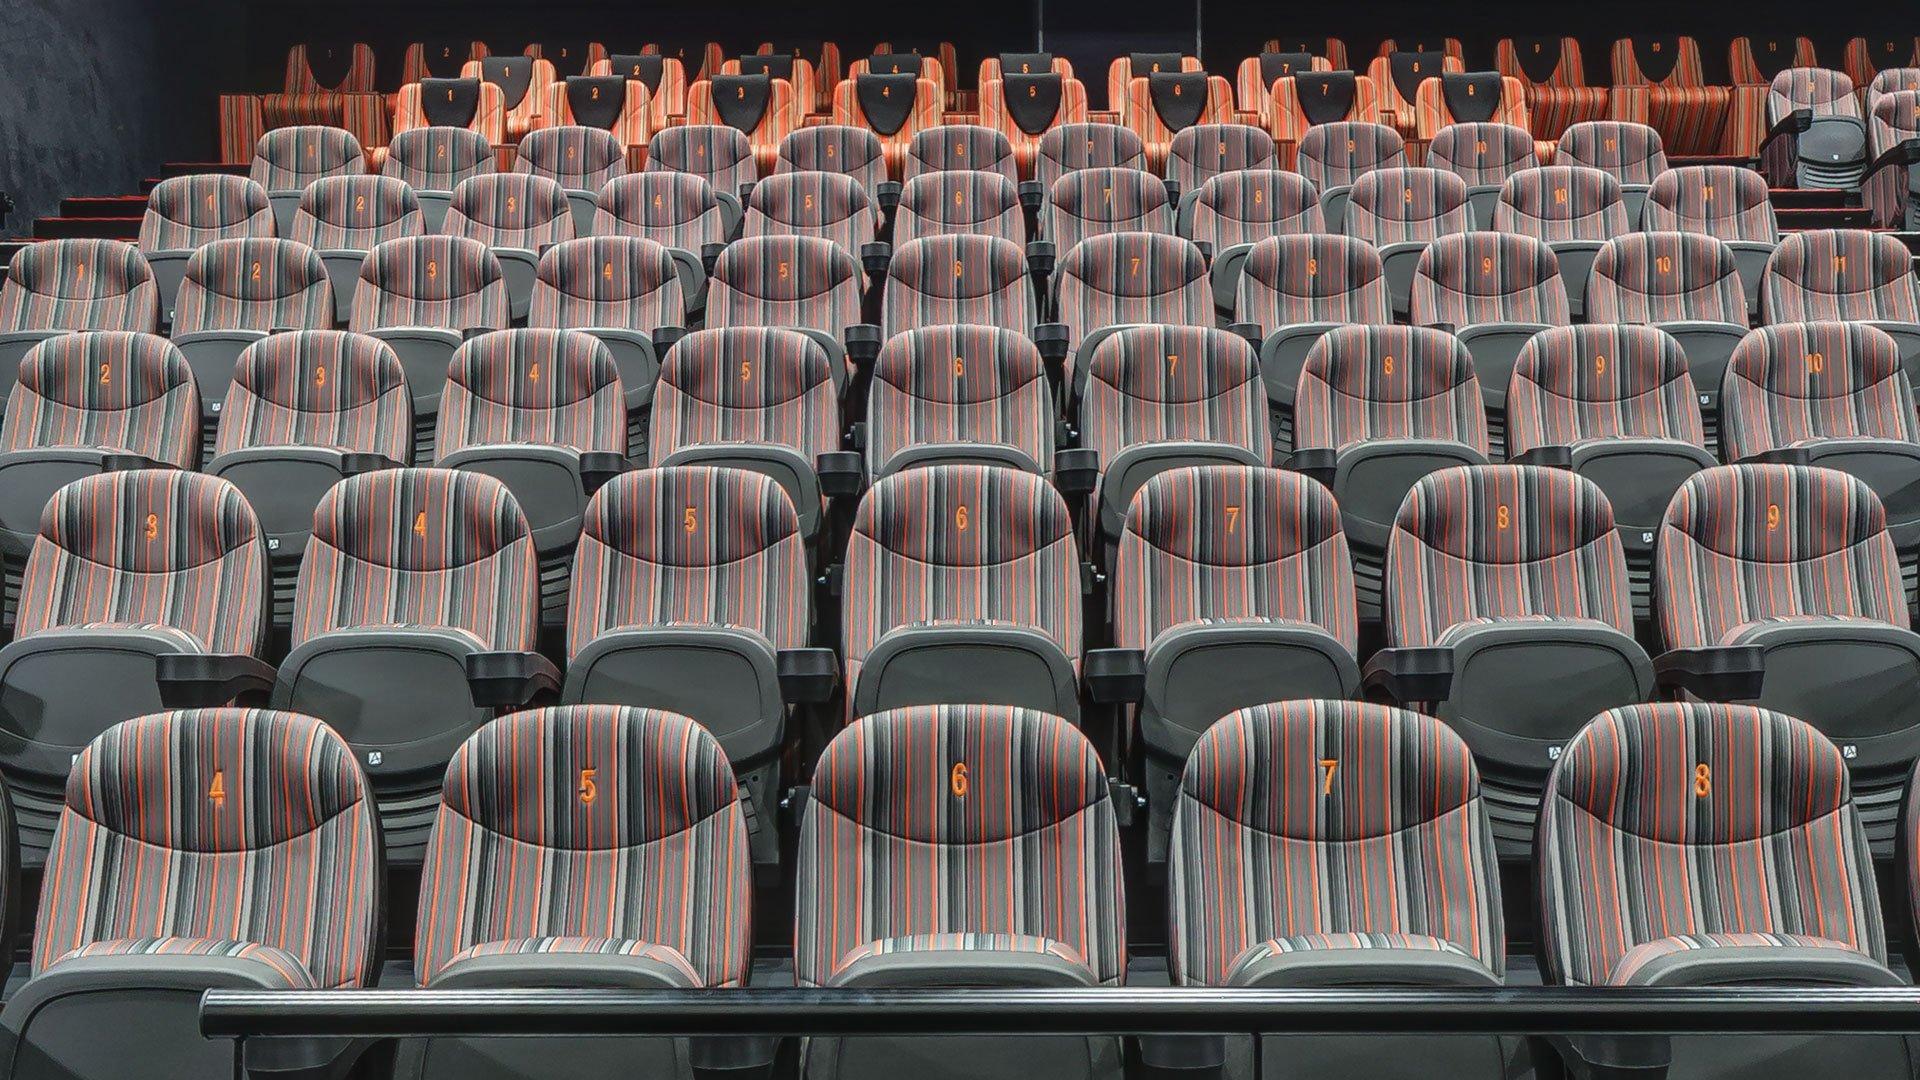 Walentynki w OH Kino